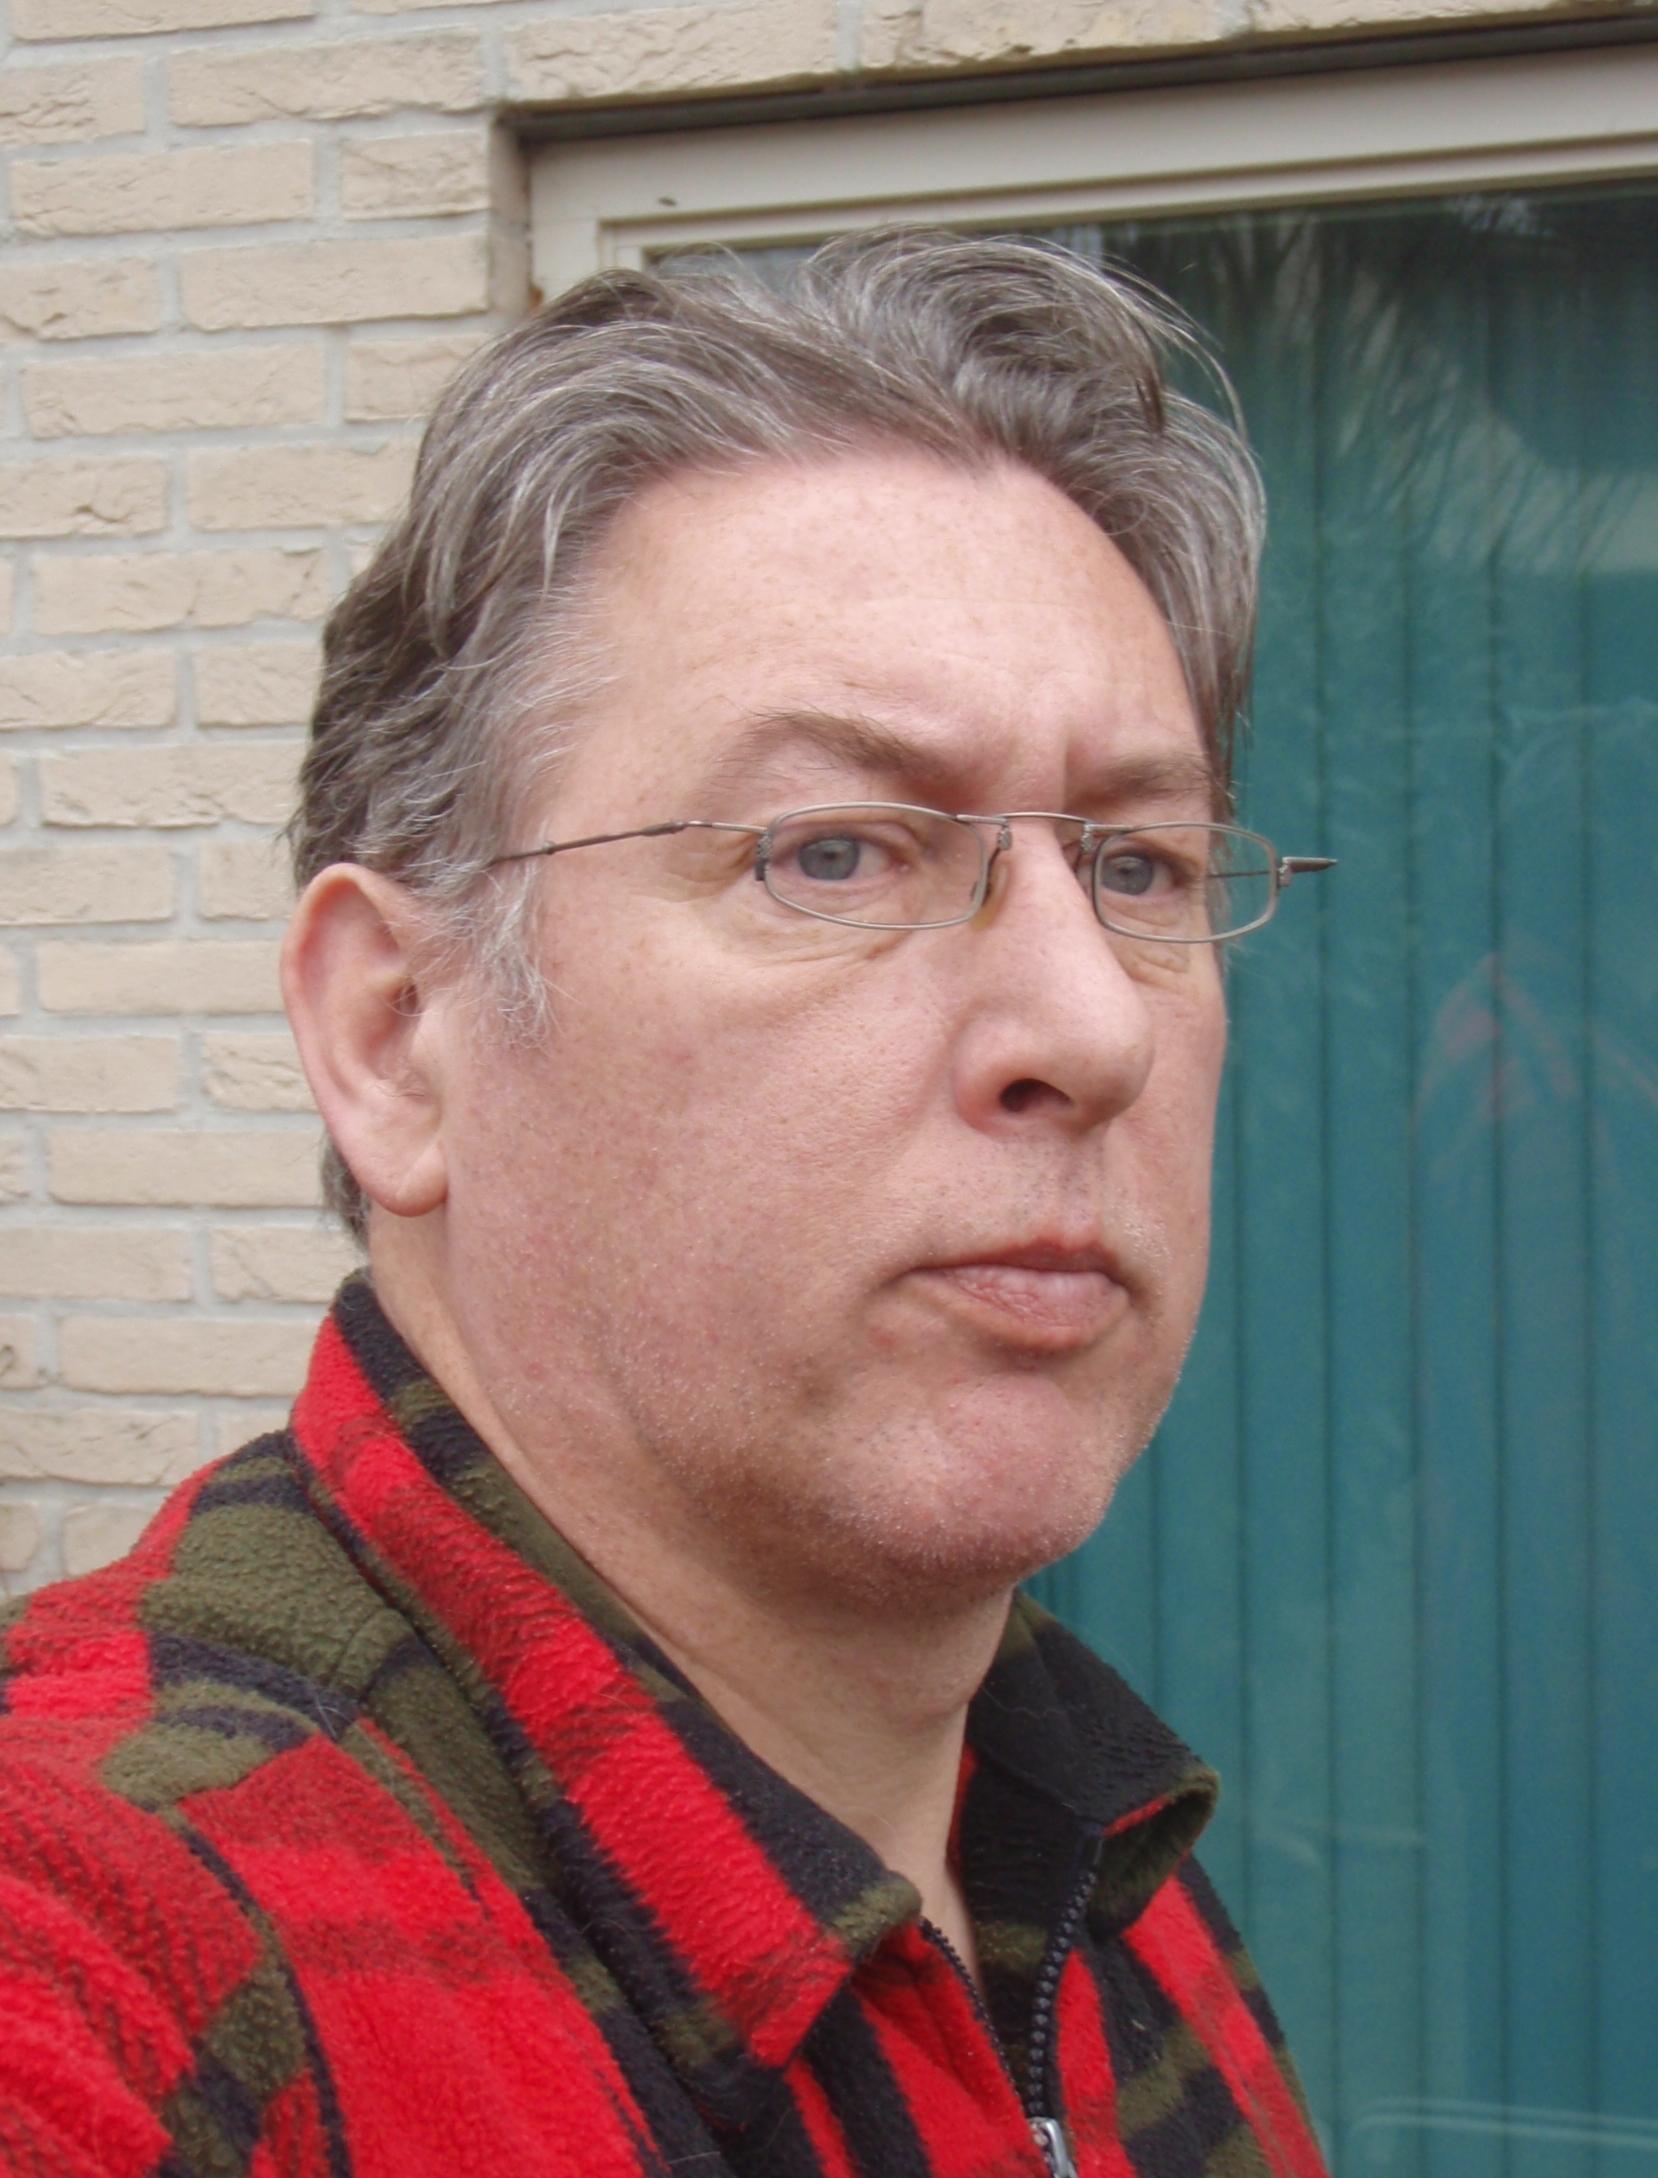 Bert Knispel